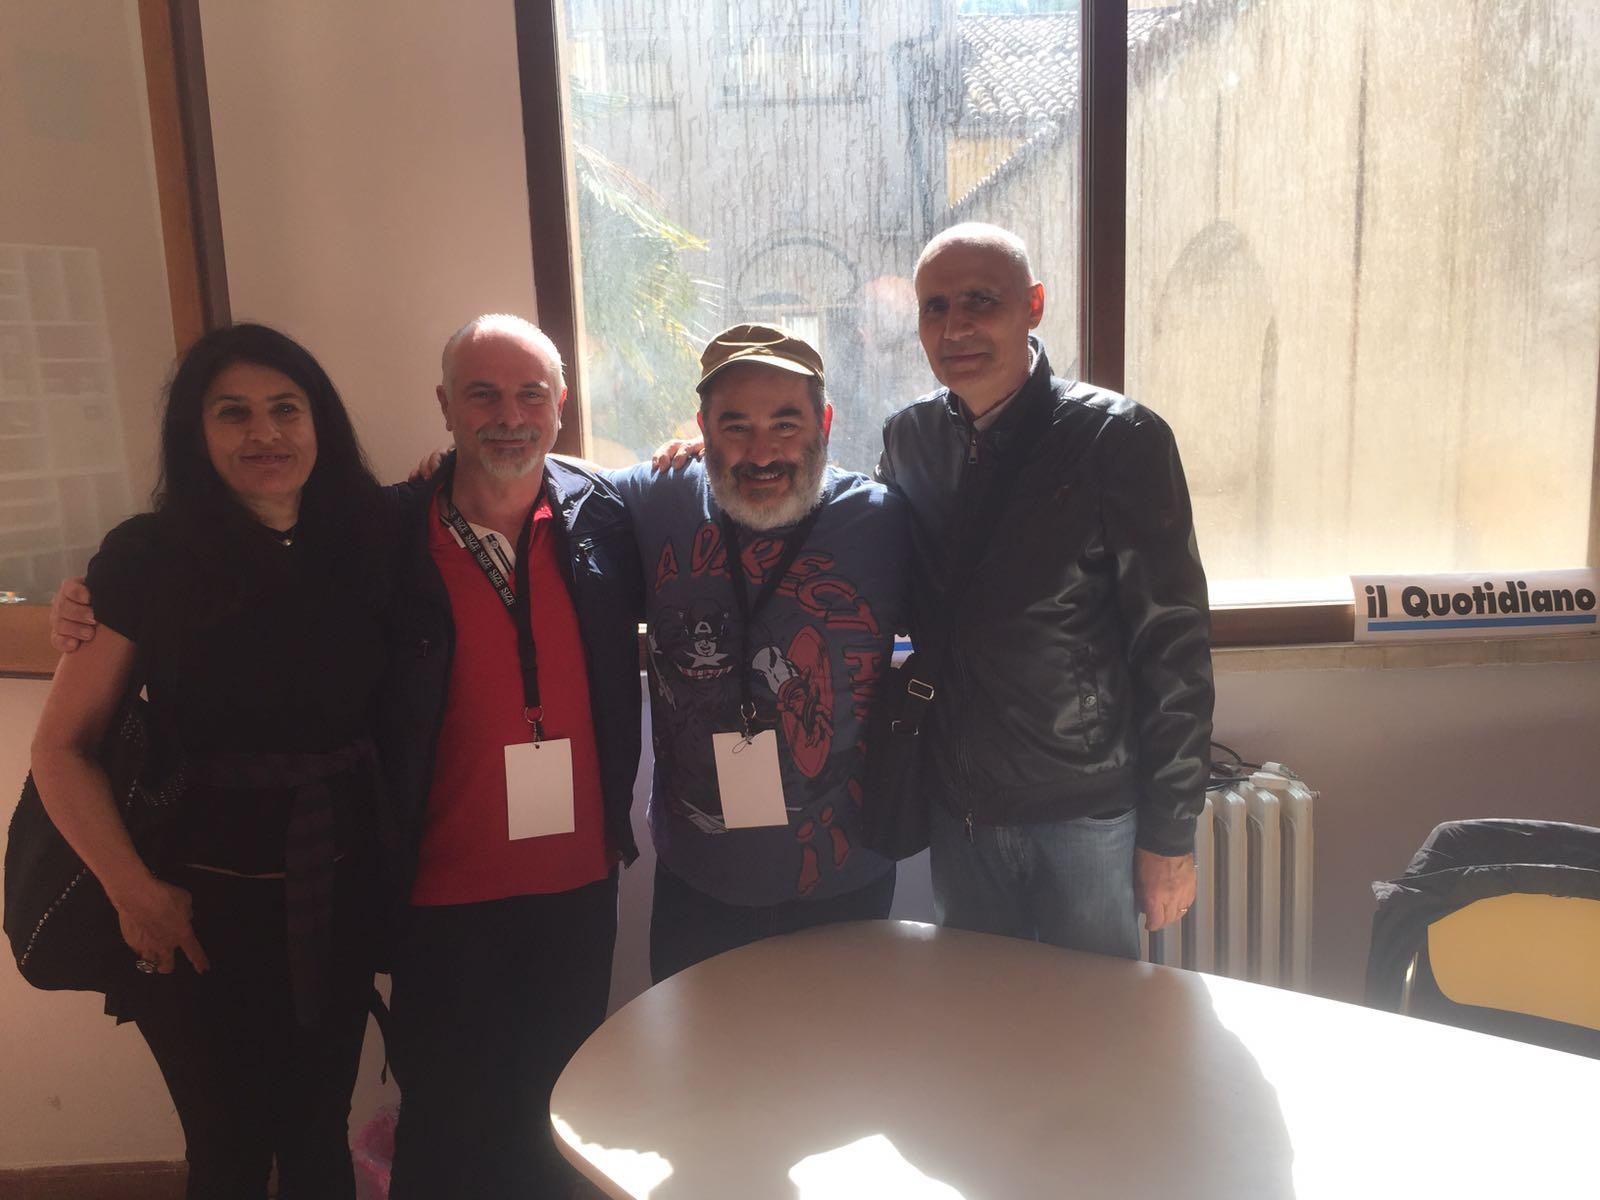 VIDEO - Peppe De Nardo, autore di Dylan Dog, al Festival del Fumetto di Cosenza